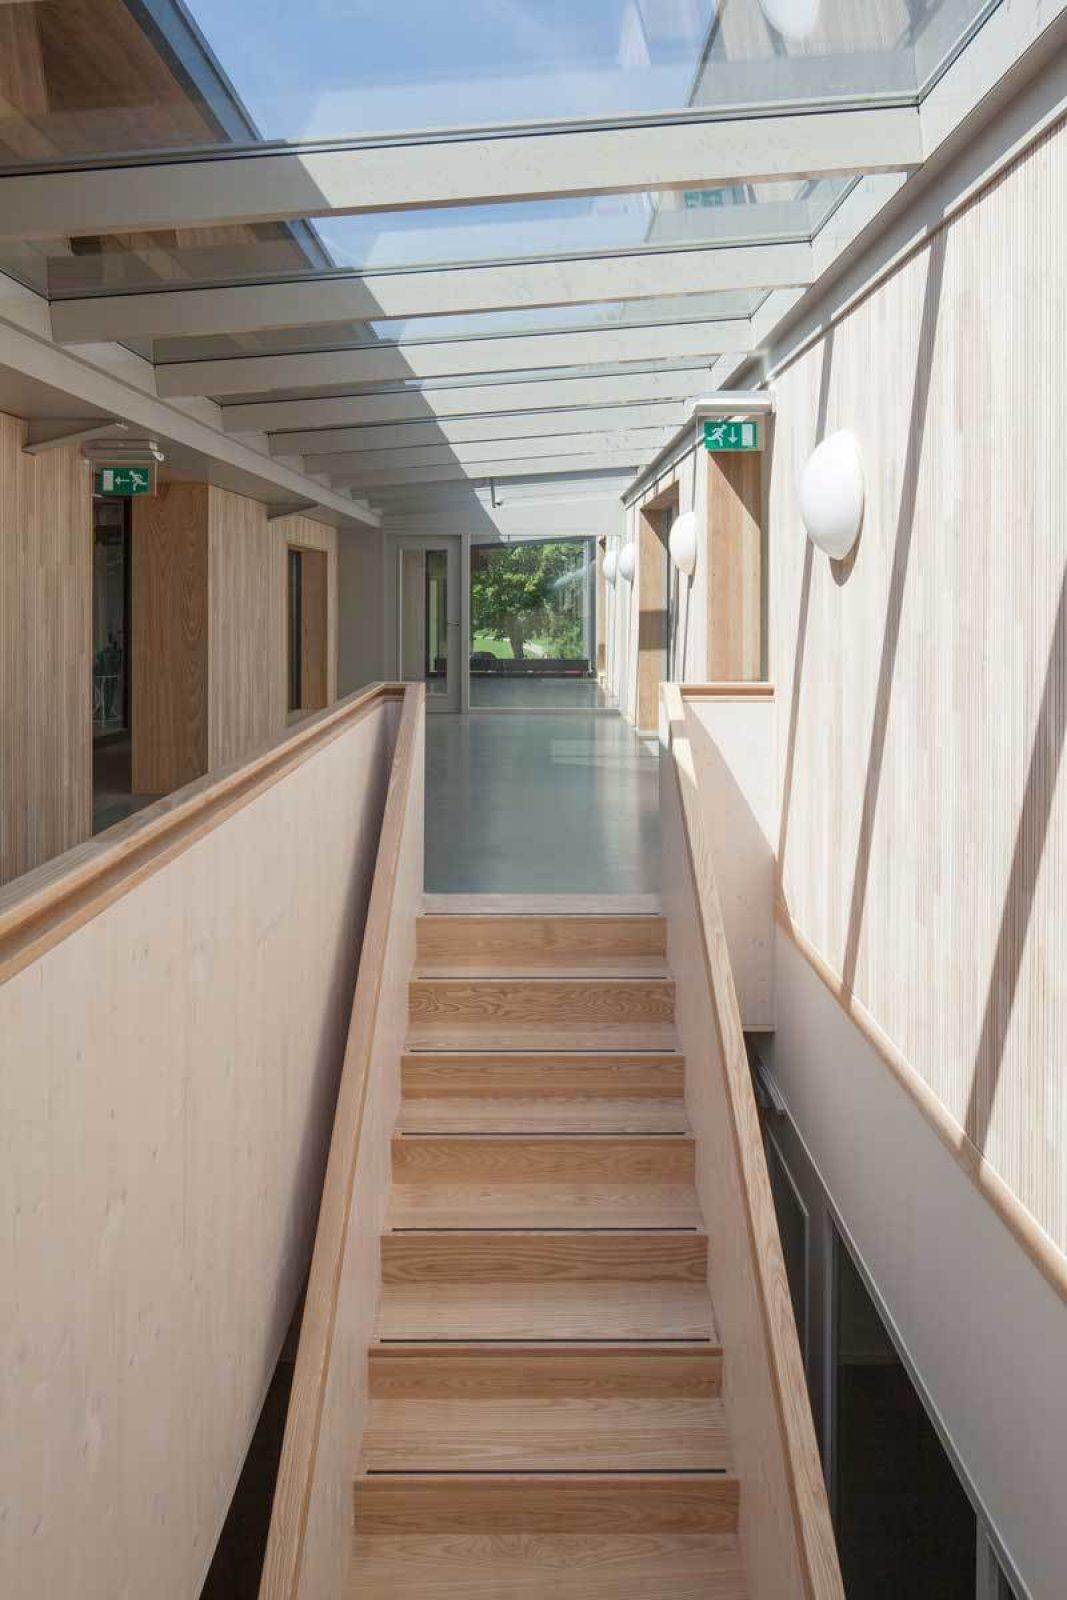 Rowing Building Stair Corridor